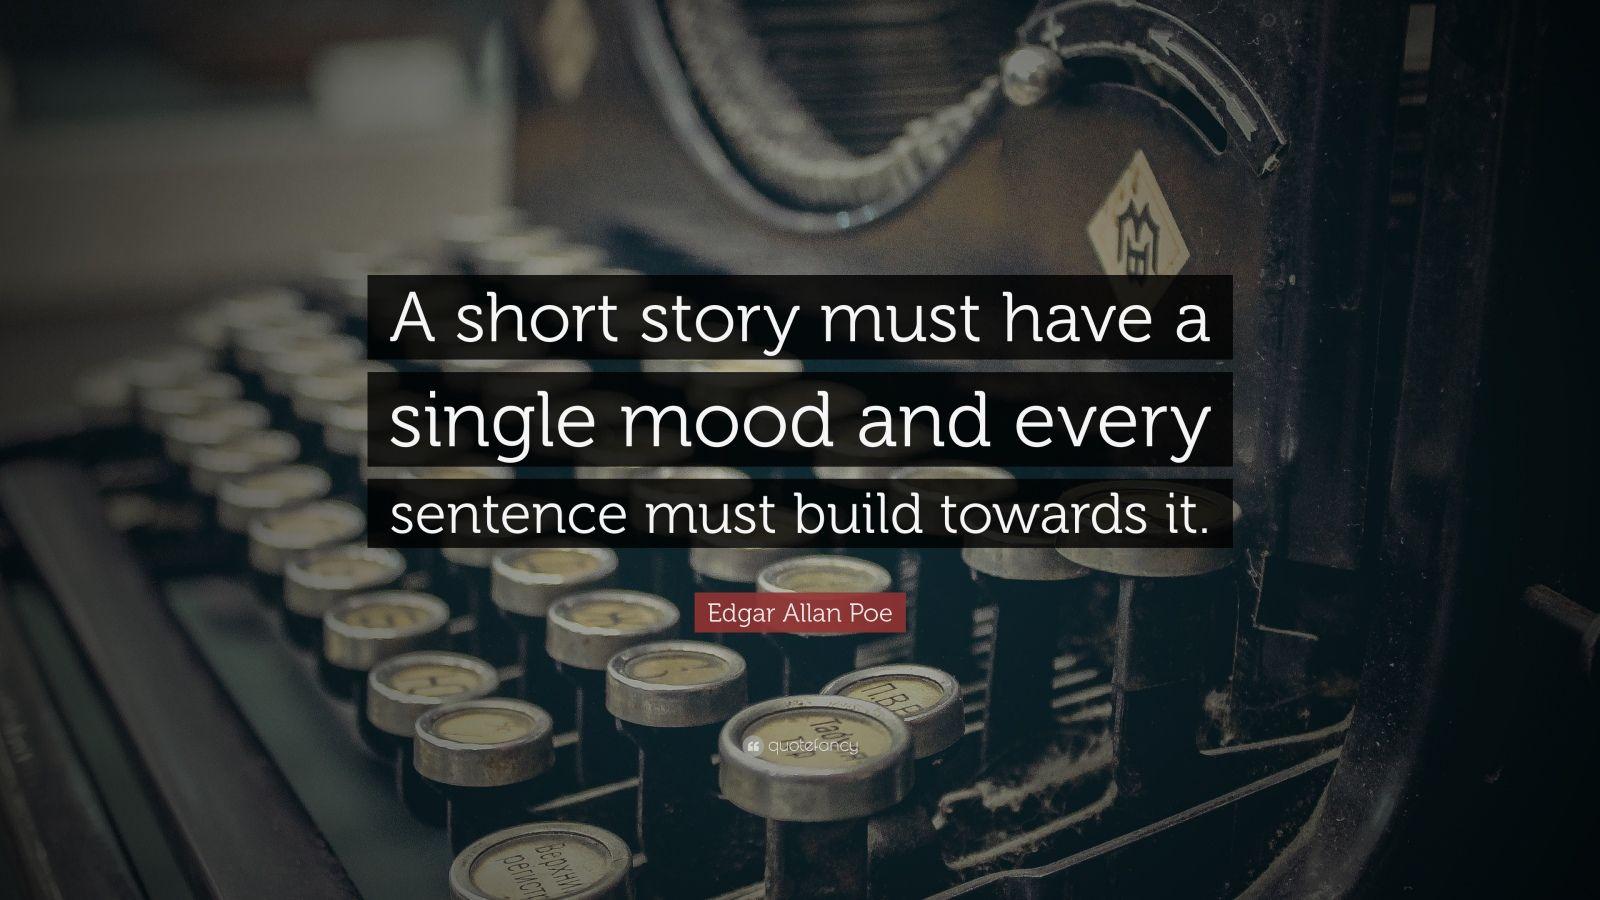 edgar allan poe short story essay